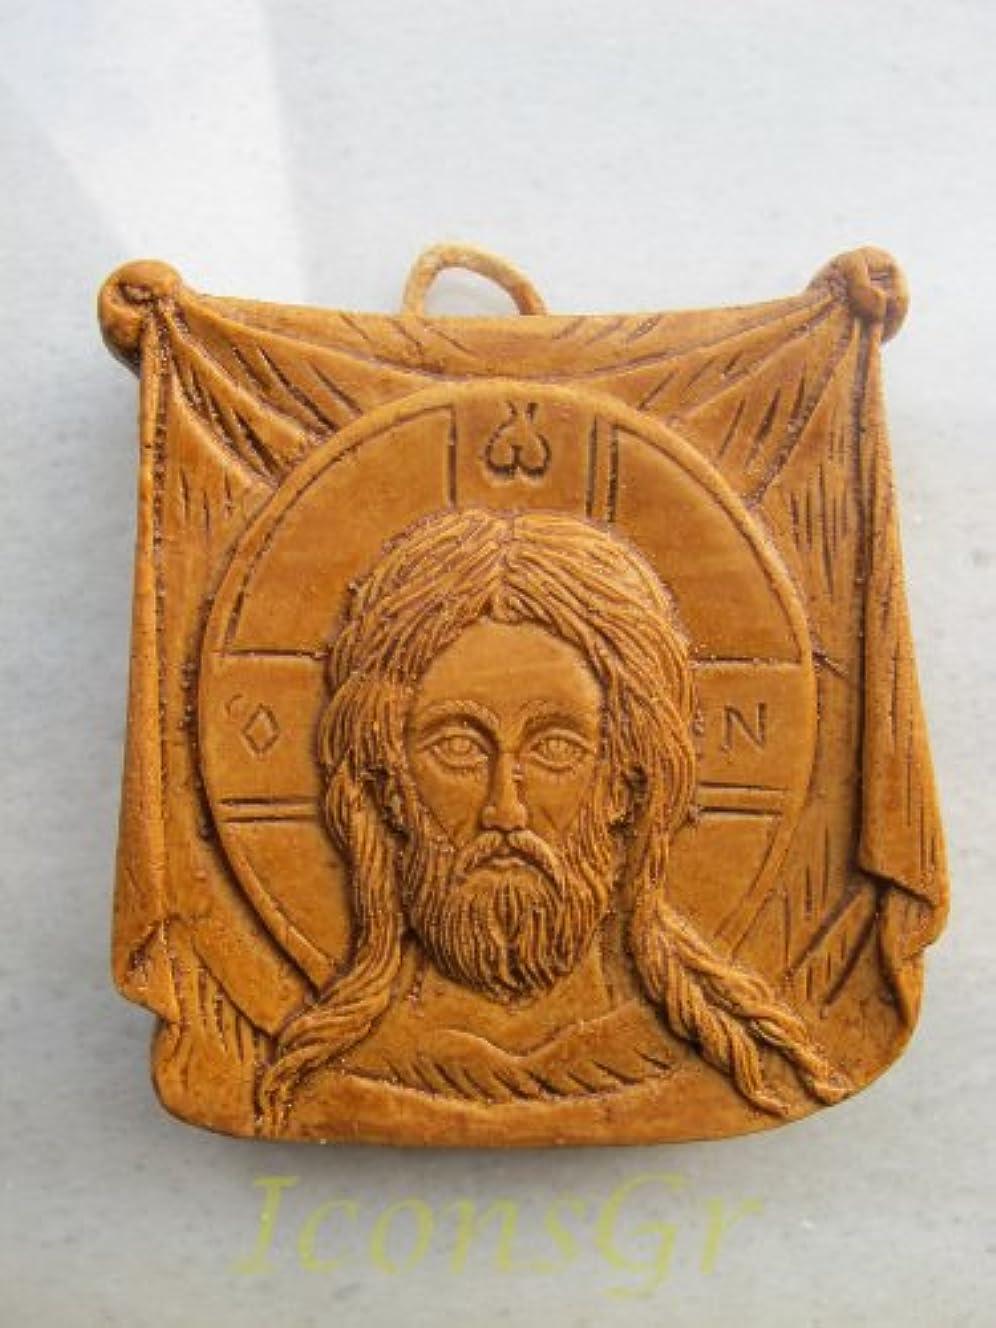 インタフェースマント聖なるHandmade Carved Aromaticワックスから祝福アイコンアトスのマンディリオン123